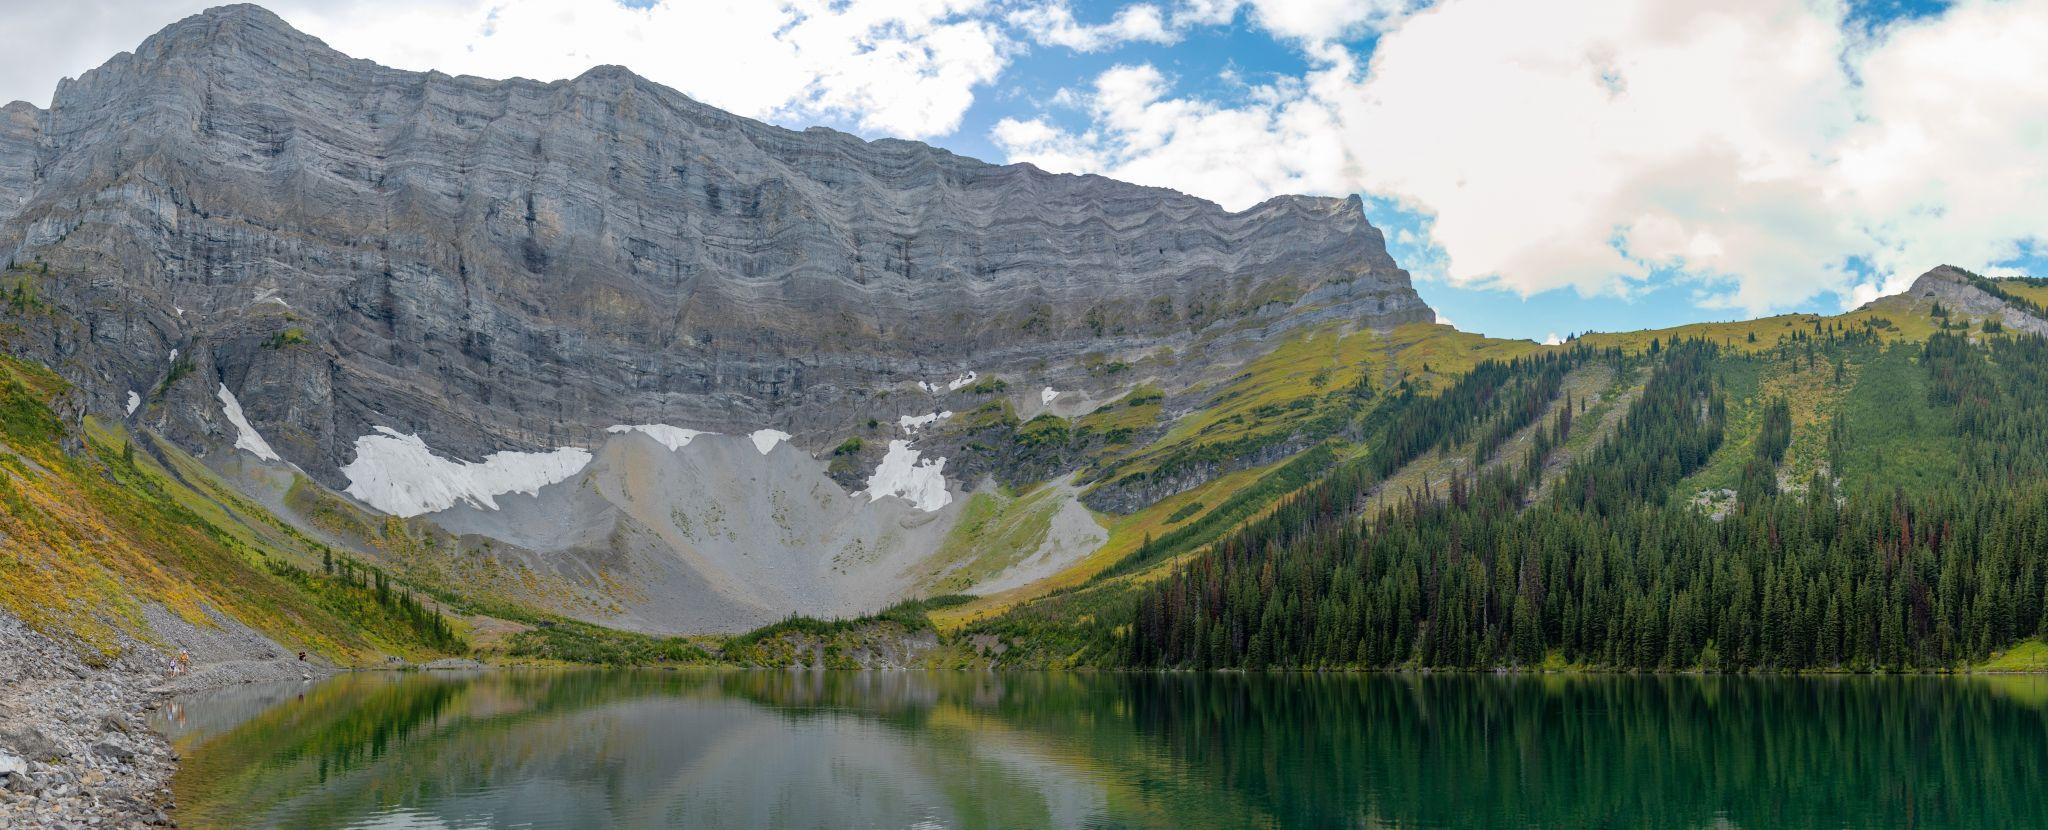 Rawson Lake, Canada